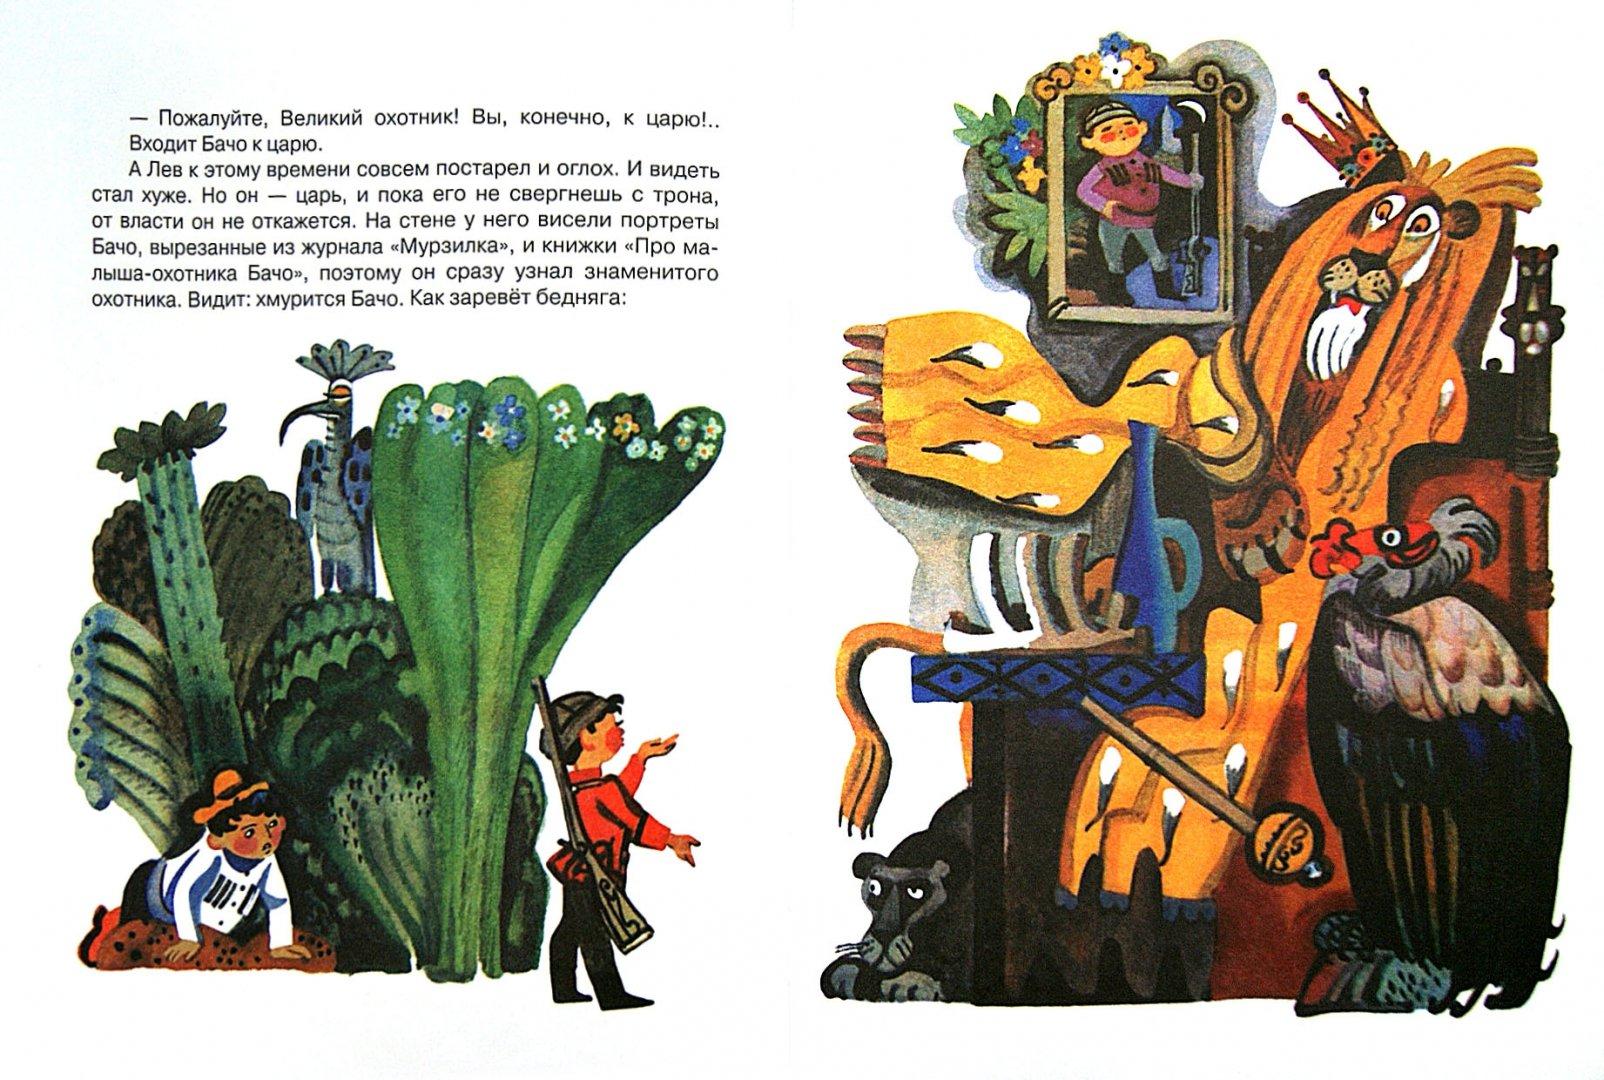 Иллюстрация 1 из 69 для Про малыша-охотника Бачо - Отиа Иоселиани | Лабиринт - книги. Источник: Лабиринт